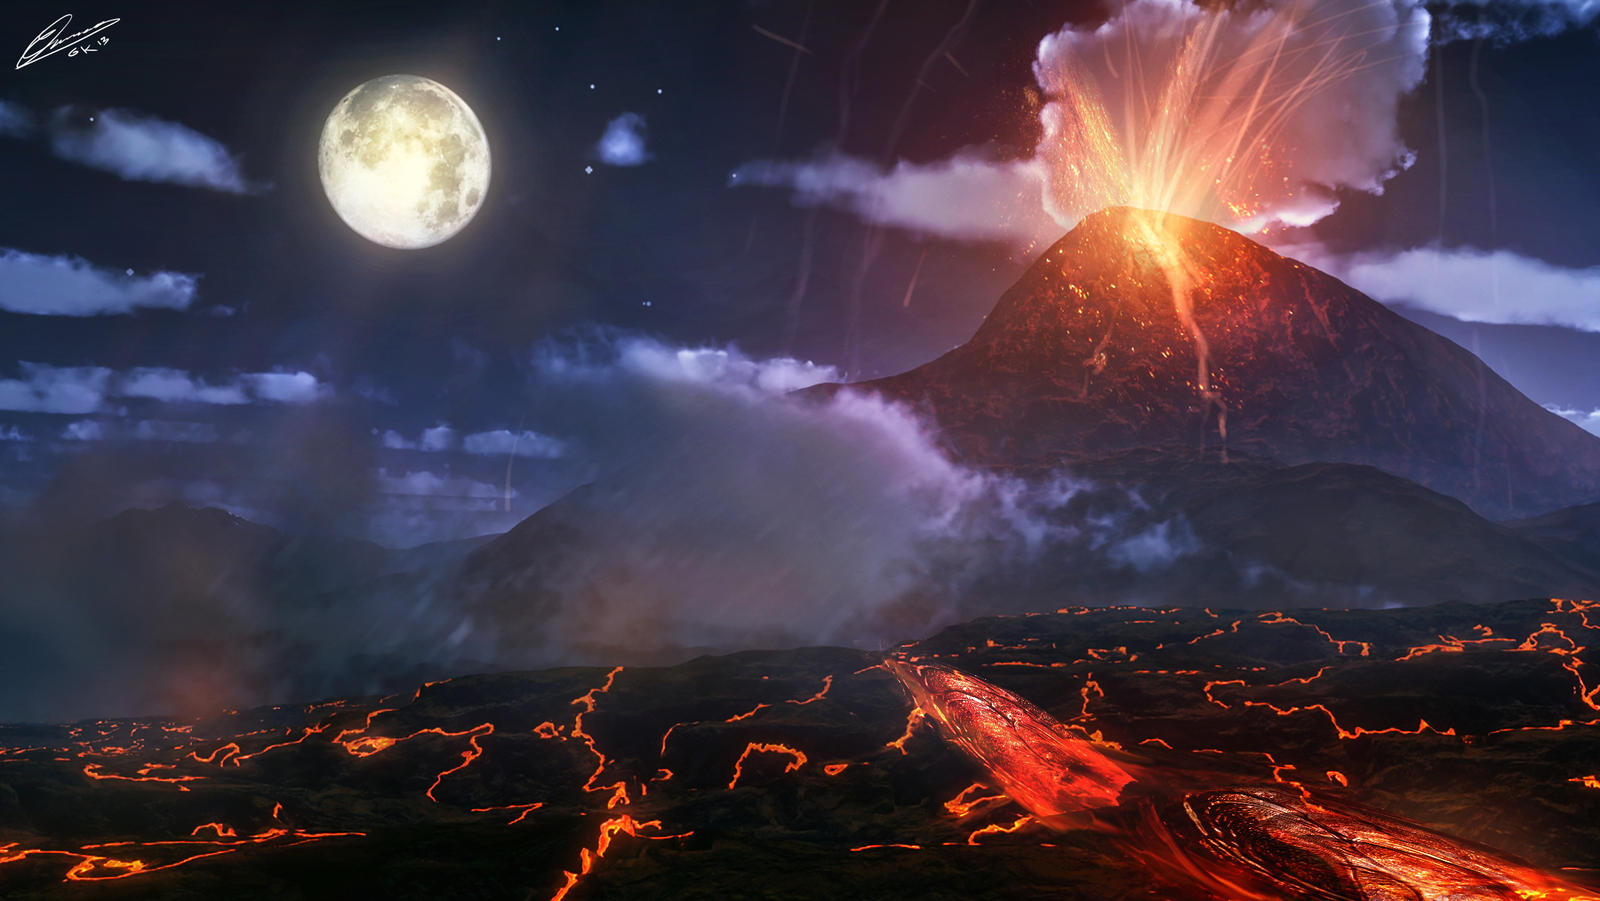 hd качестве вулкан смотреть онлайн бесплатно